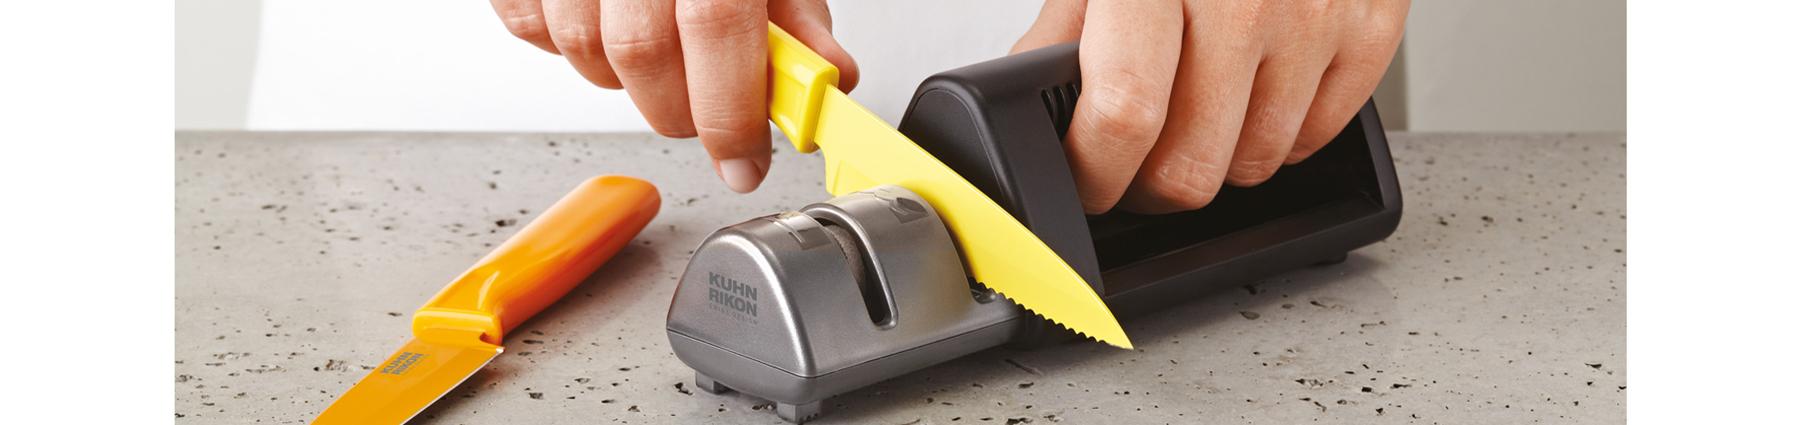 Cutting Accessories